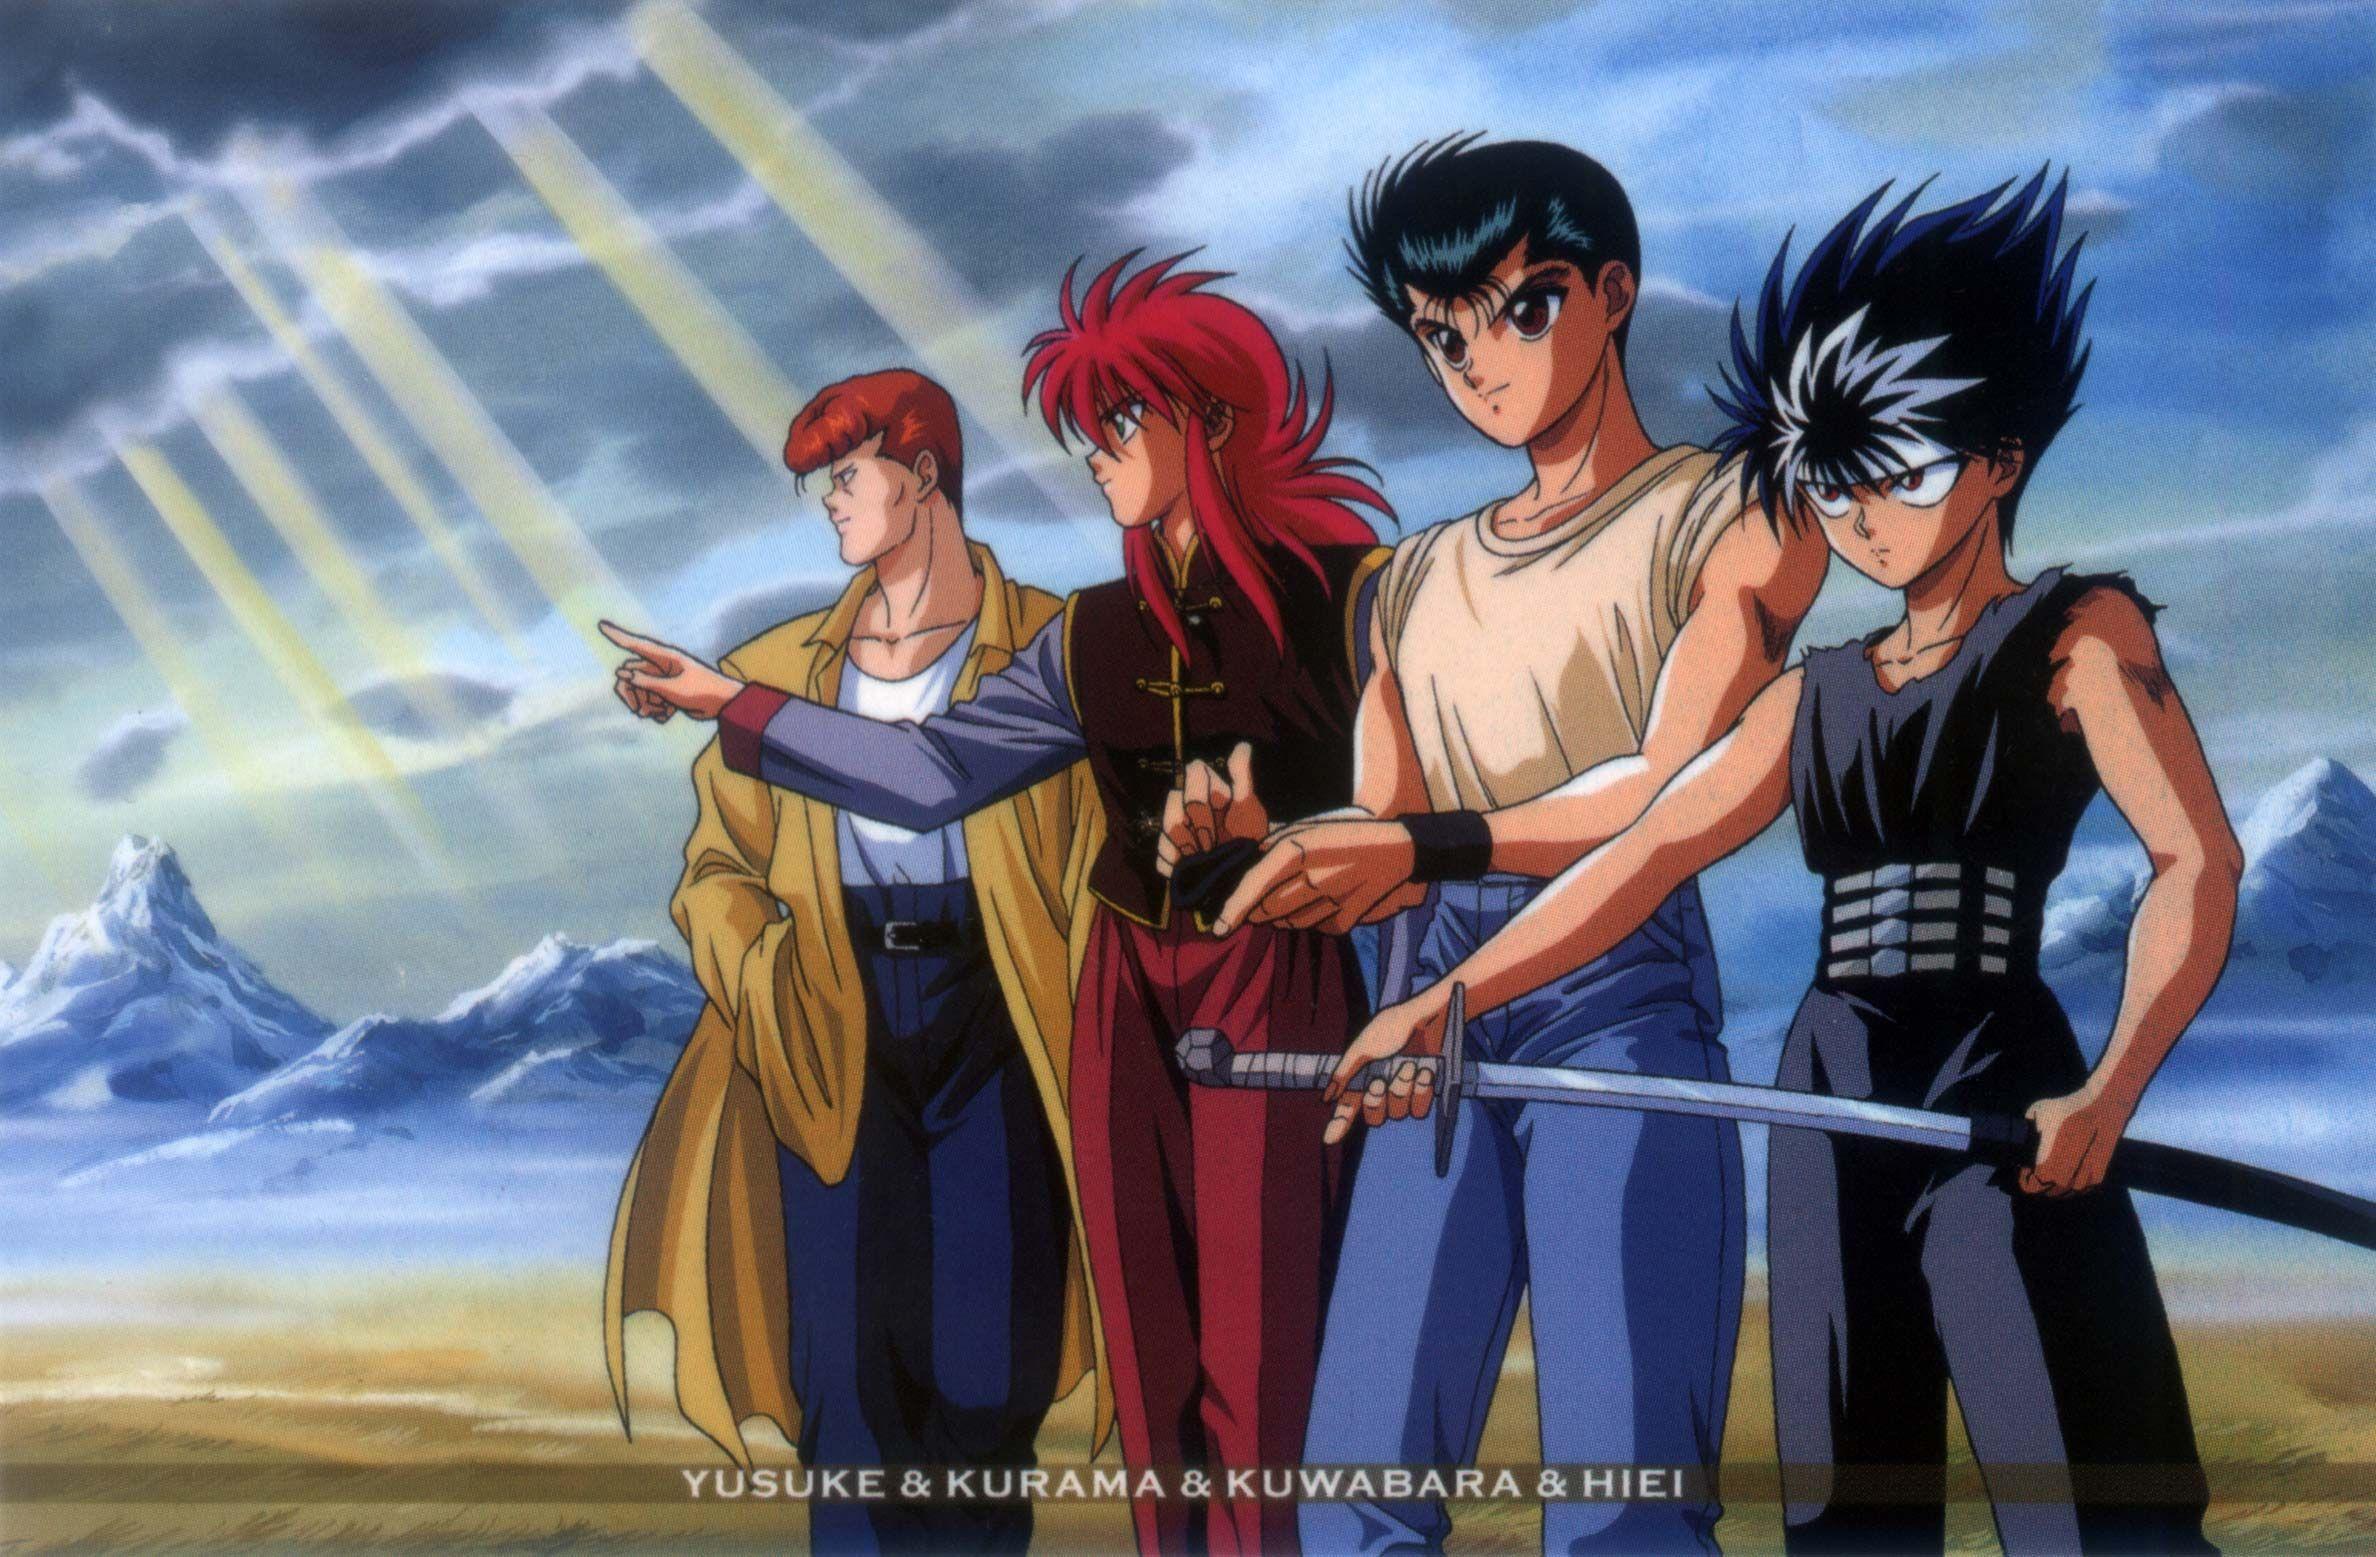 Yusuke Urameshi Wallpaper Hd Yuyu Hakusho Anime Yu Yu Hakusho